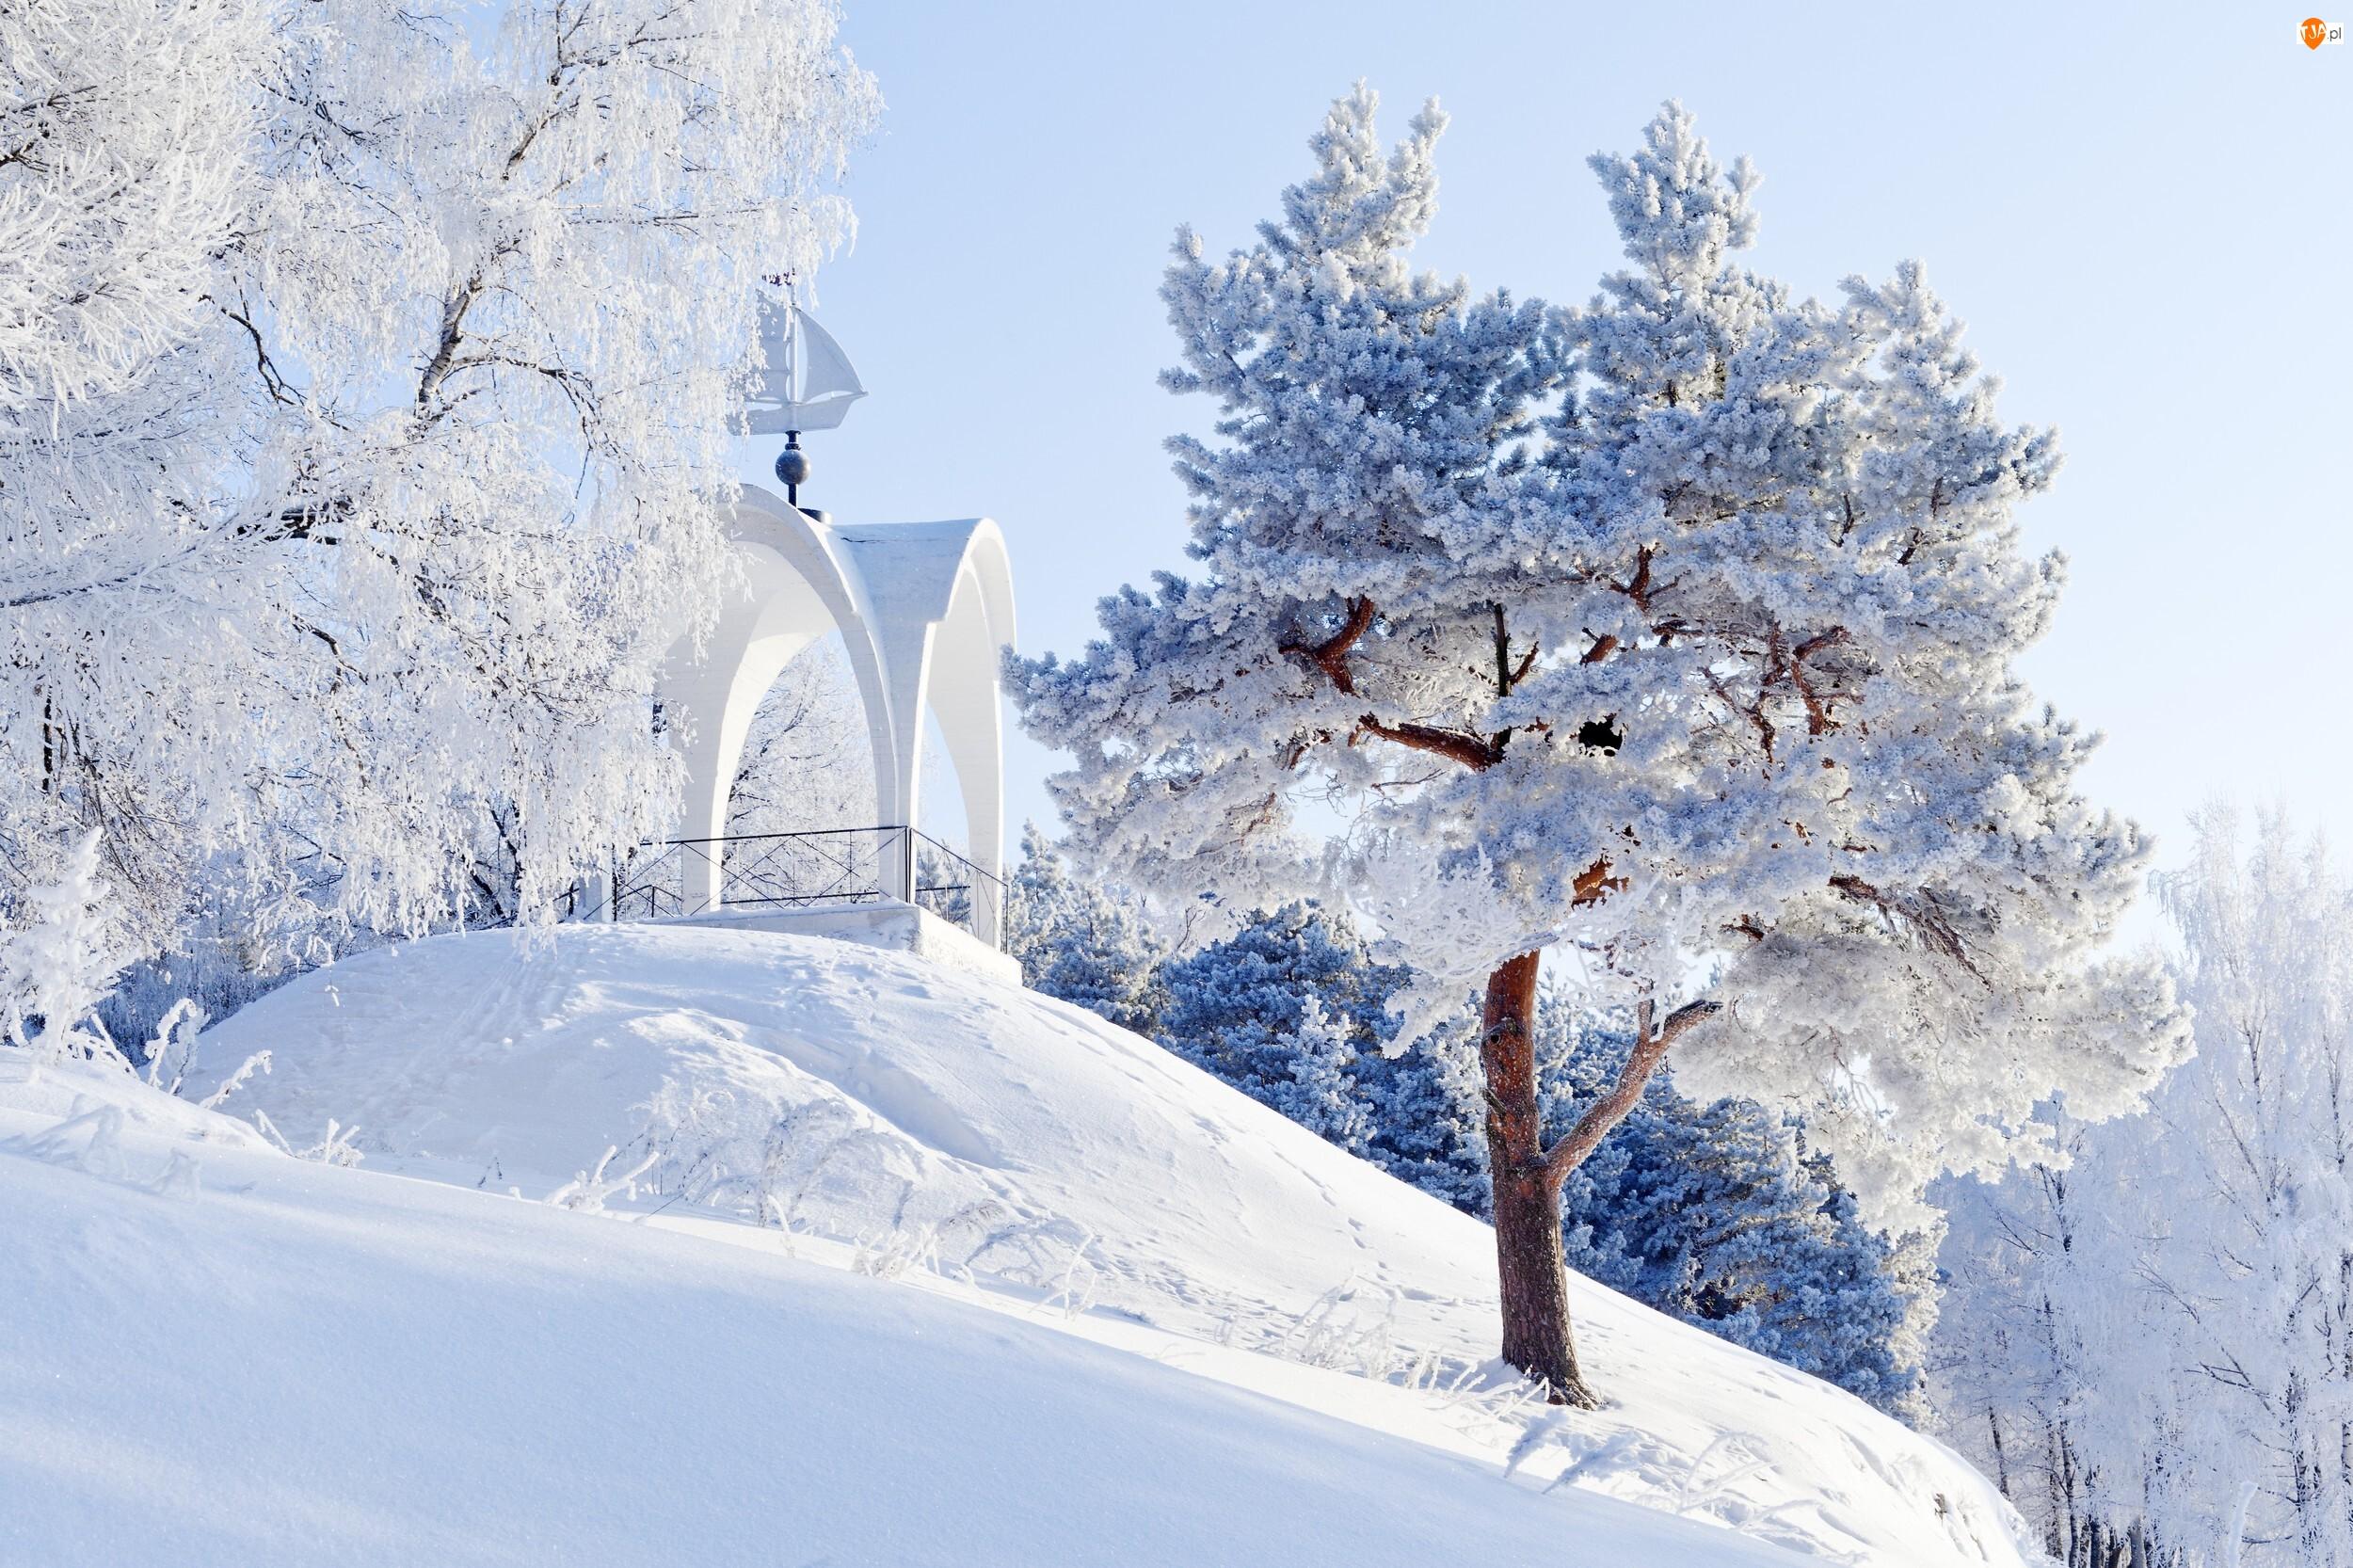 Wzgórze, Zima, Drzewa, Altana